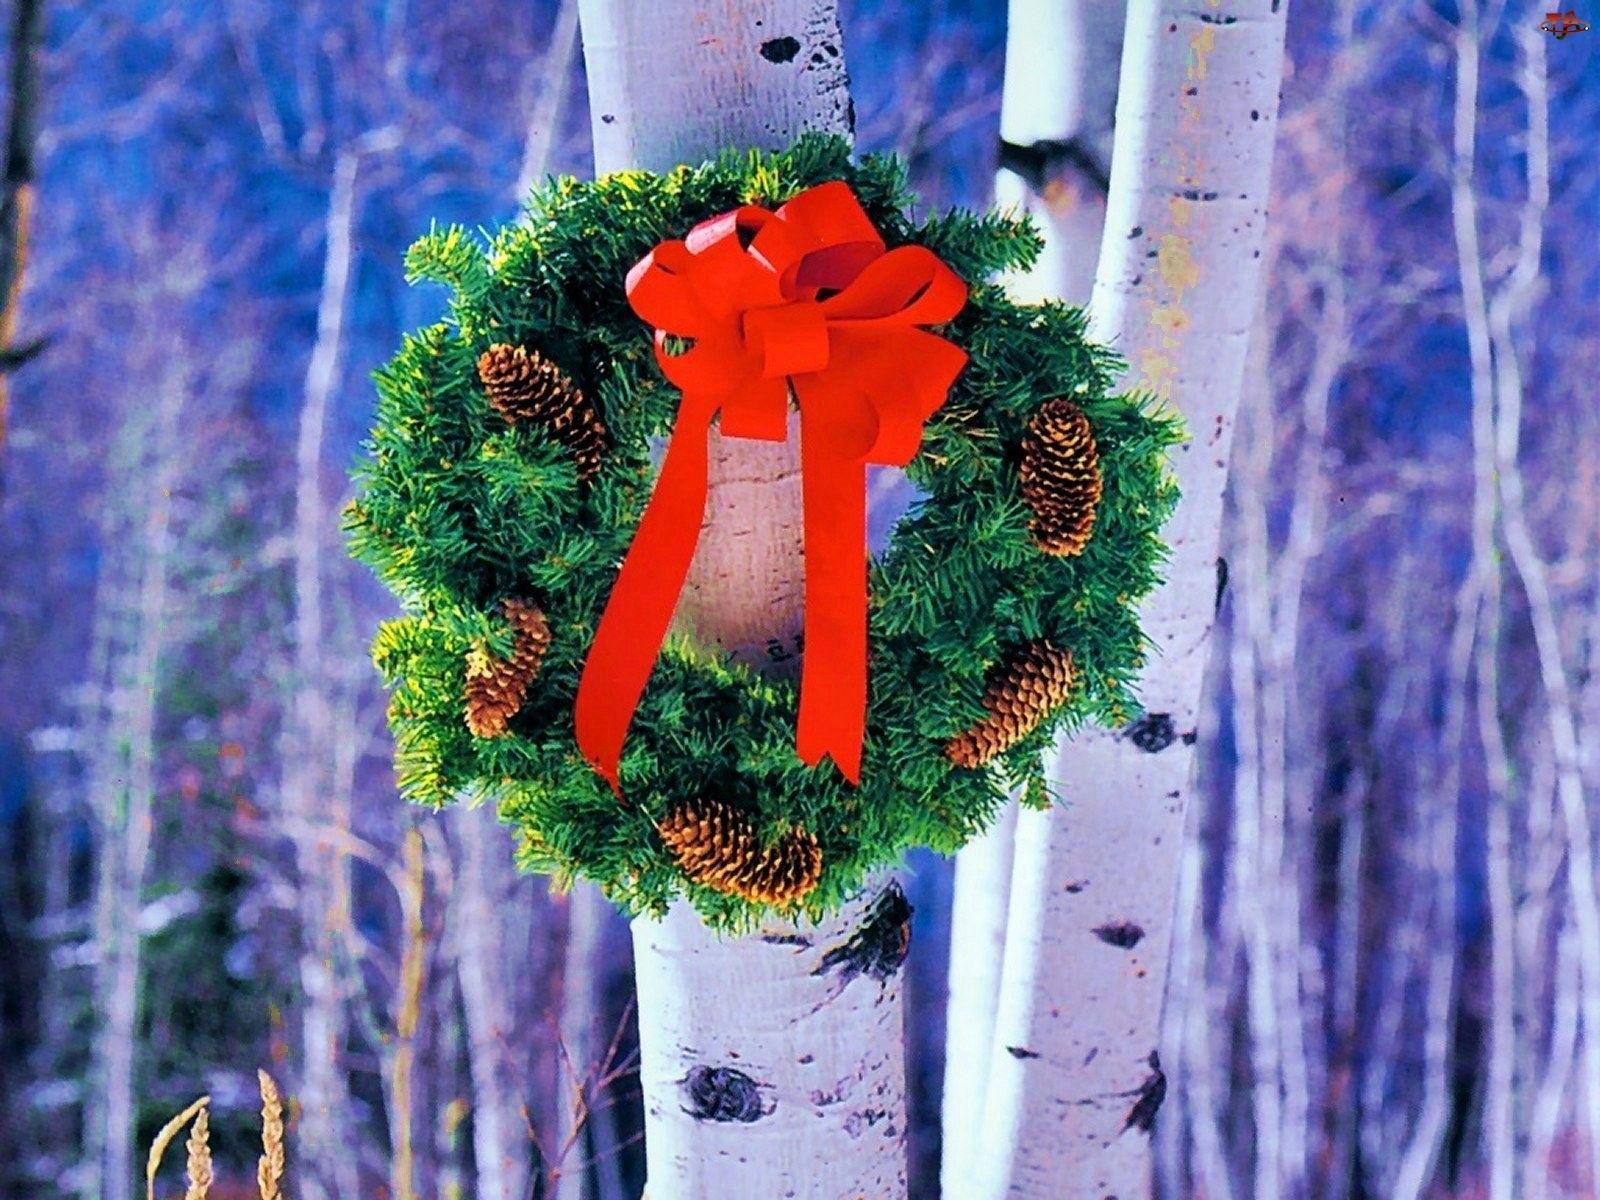 Brzozy, Wieniec, Bożonarodzeniowy